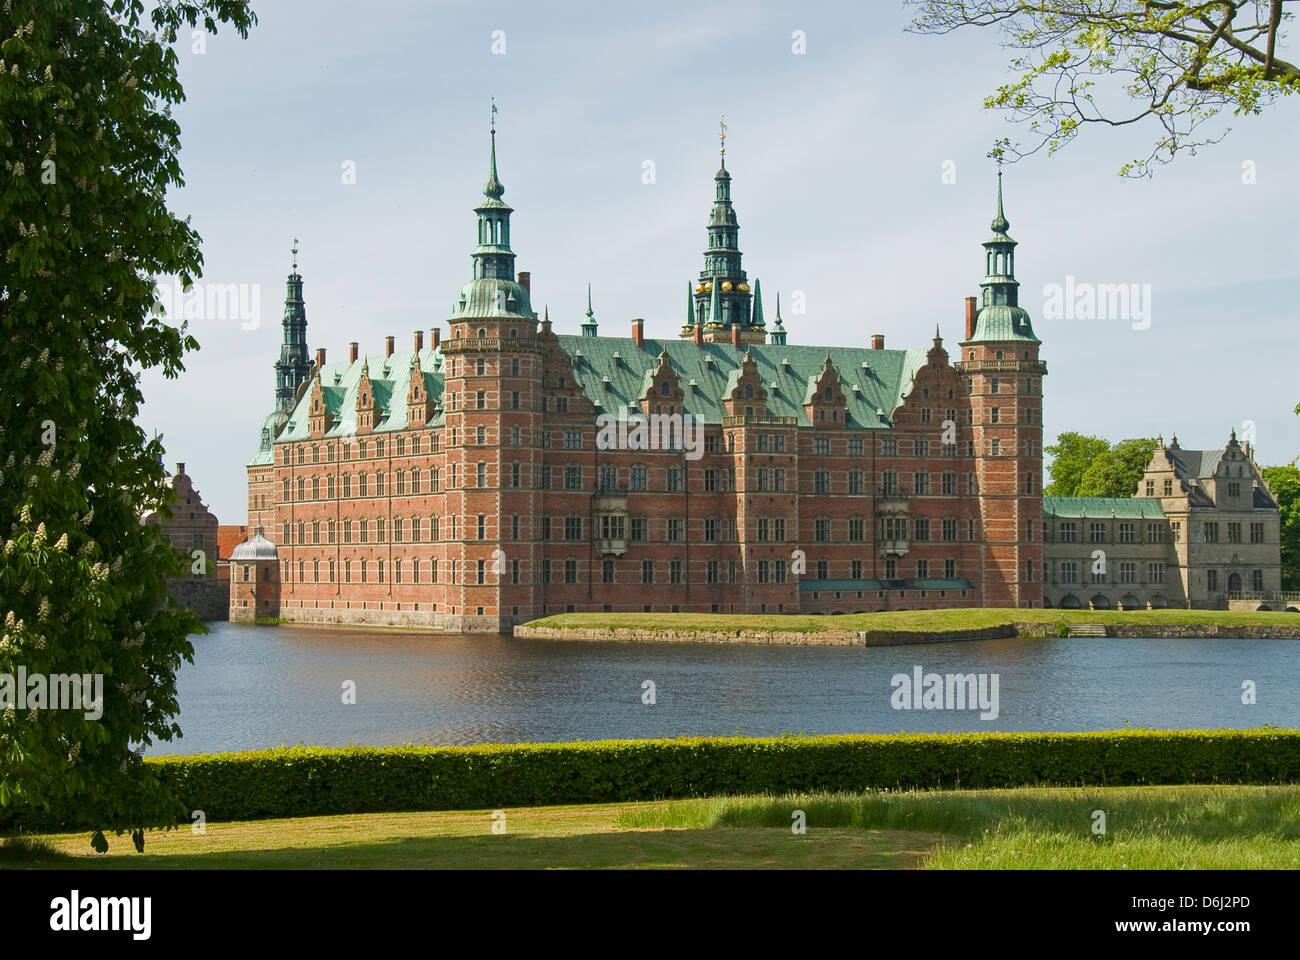 Frederiksborg Slot, Hillerod, Denmark - Stock Image